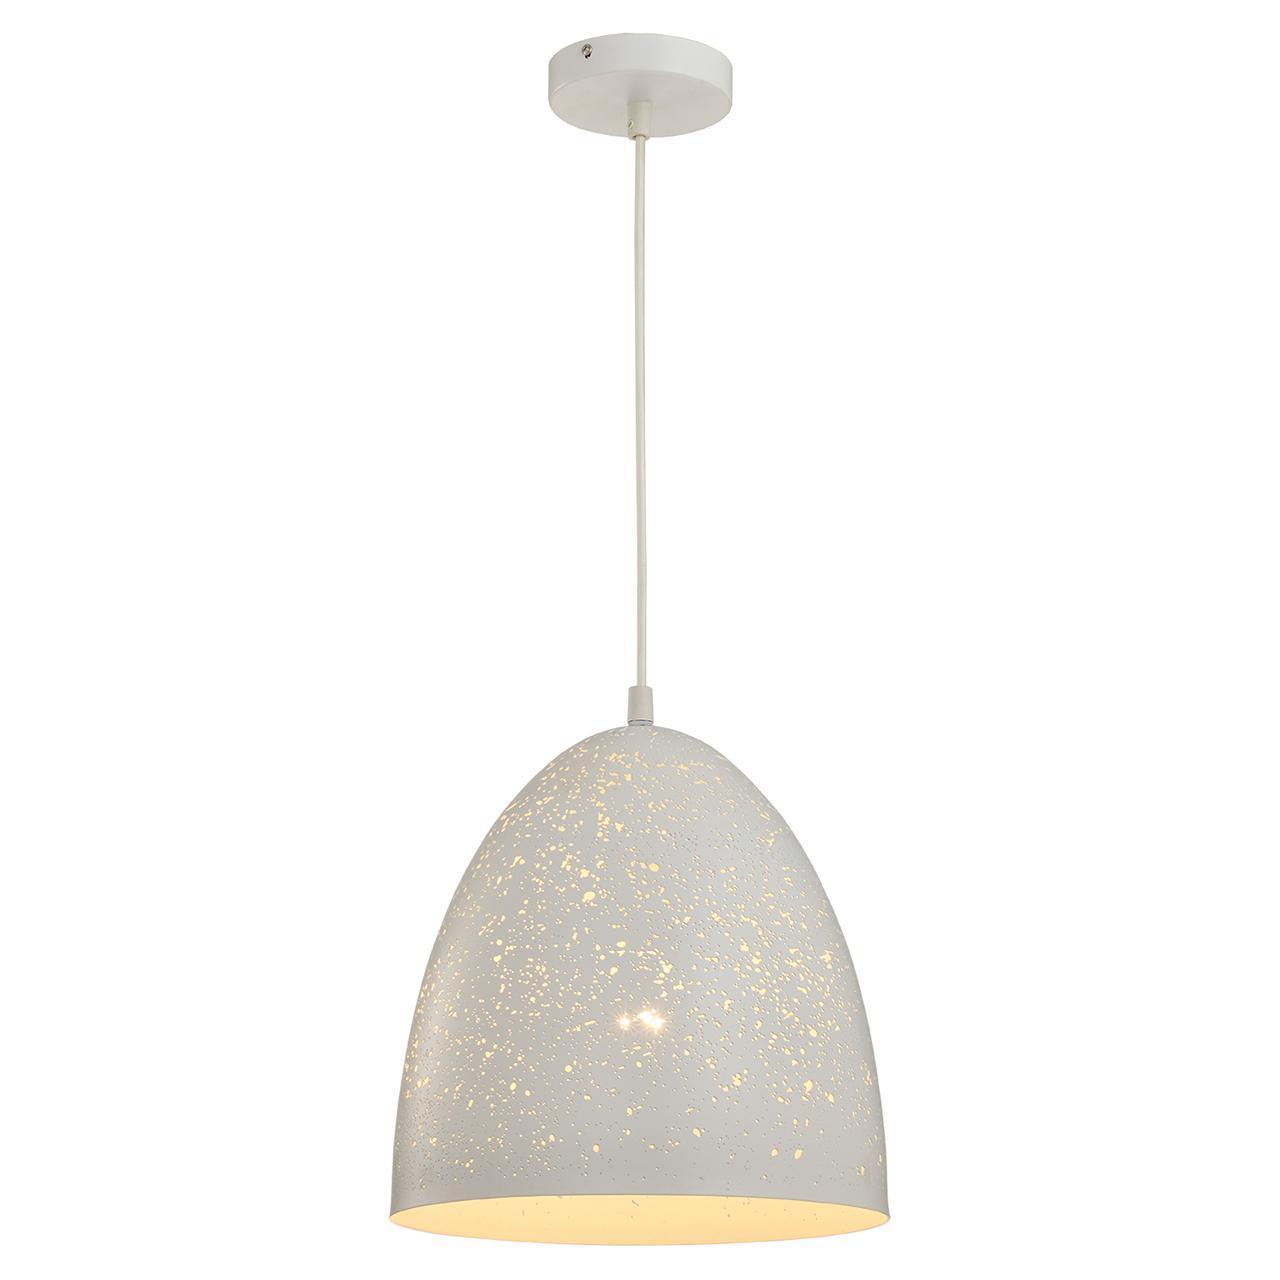 Подвесной светильник Lussole Loft LSP-9891 детский 357337 novotech